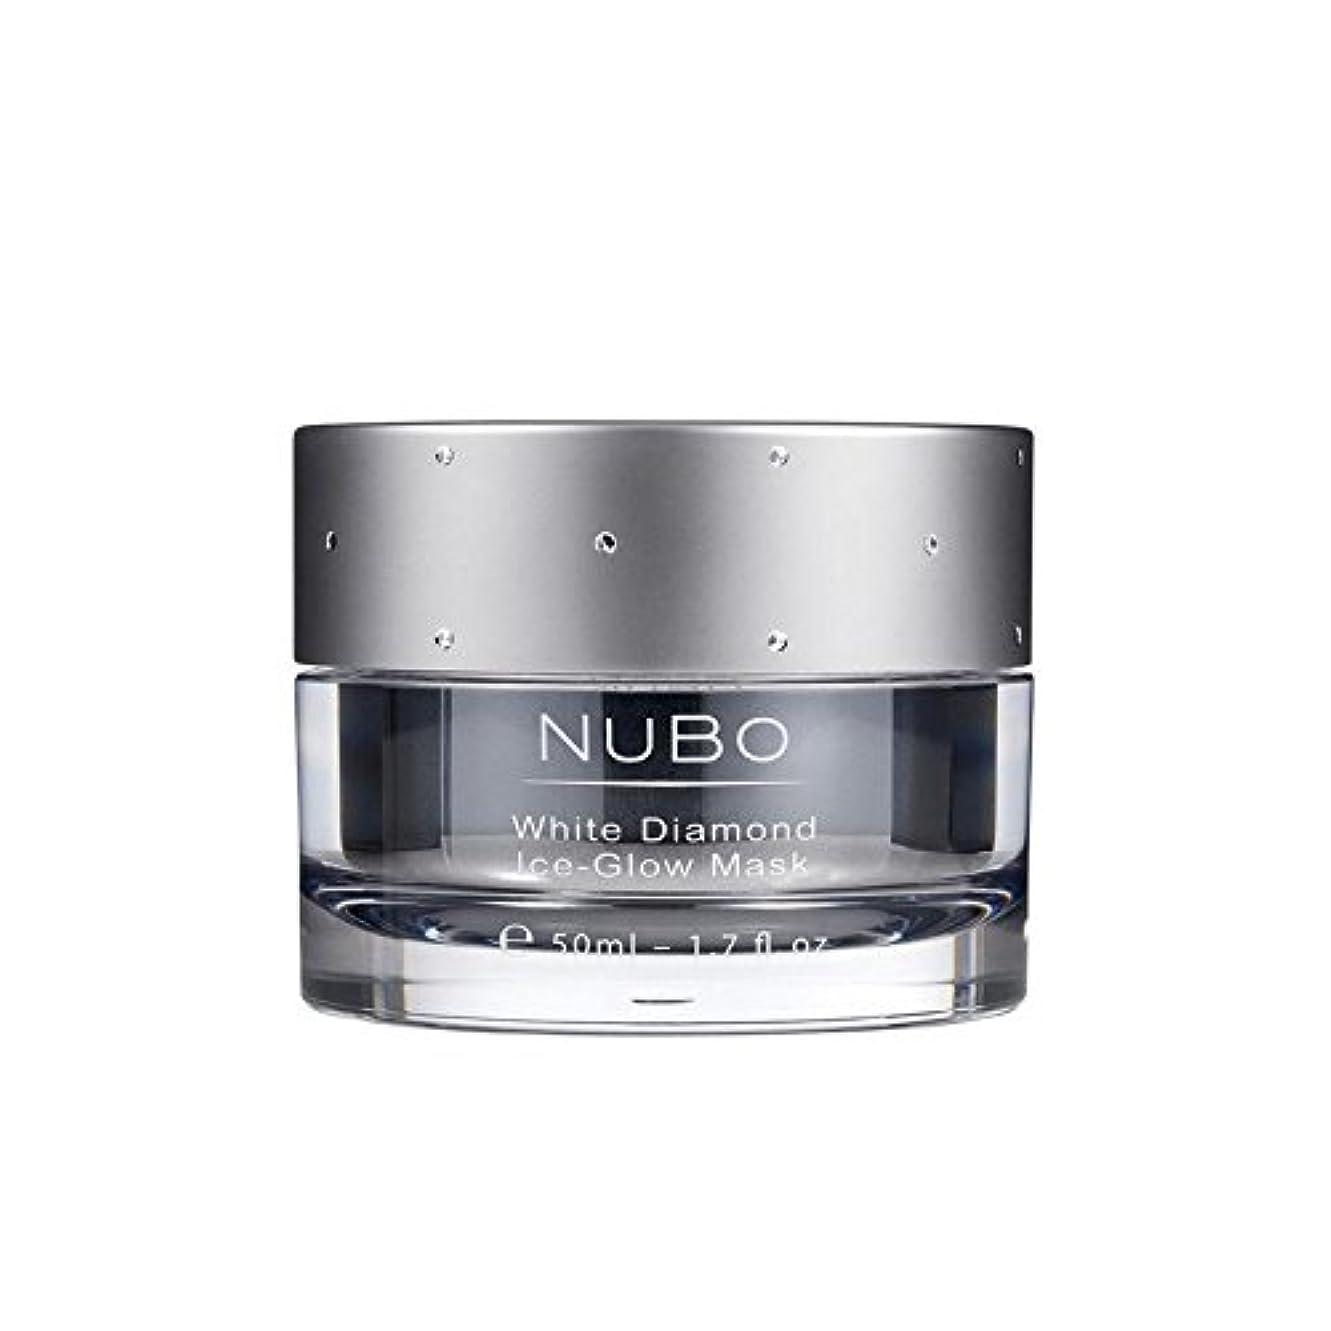 戸口タイト孤独白いダイヤモンドの氷のグローマスク50ミリリットル x4 - Nubo White Diamond Ice Glow Mask 50ml (Pack of 4) [並行輸入品]